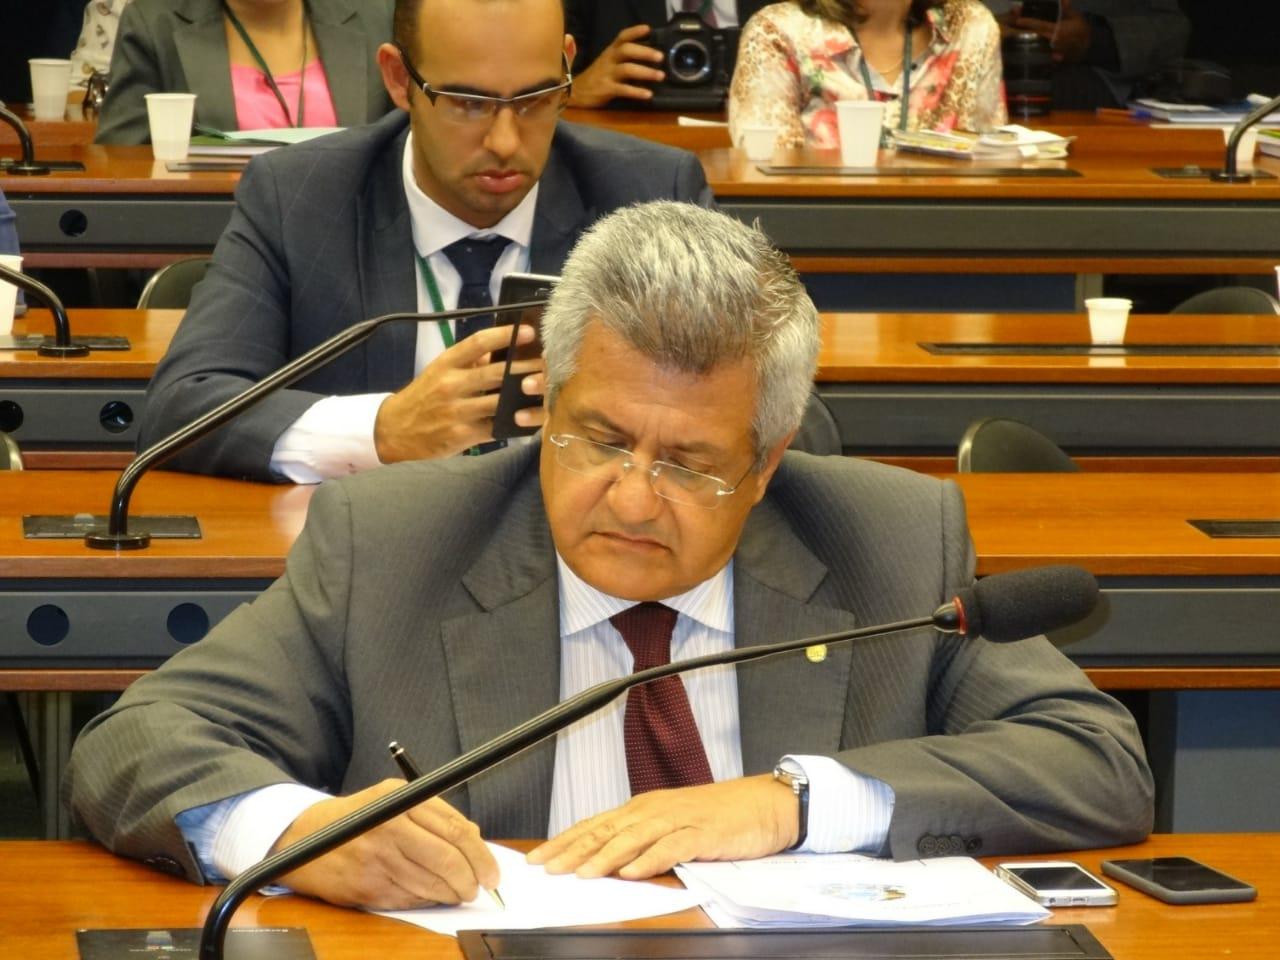 Bacelar tenta reverter decisão de Bolsonaro que prejudica a folha de pagamento de estados e municípios